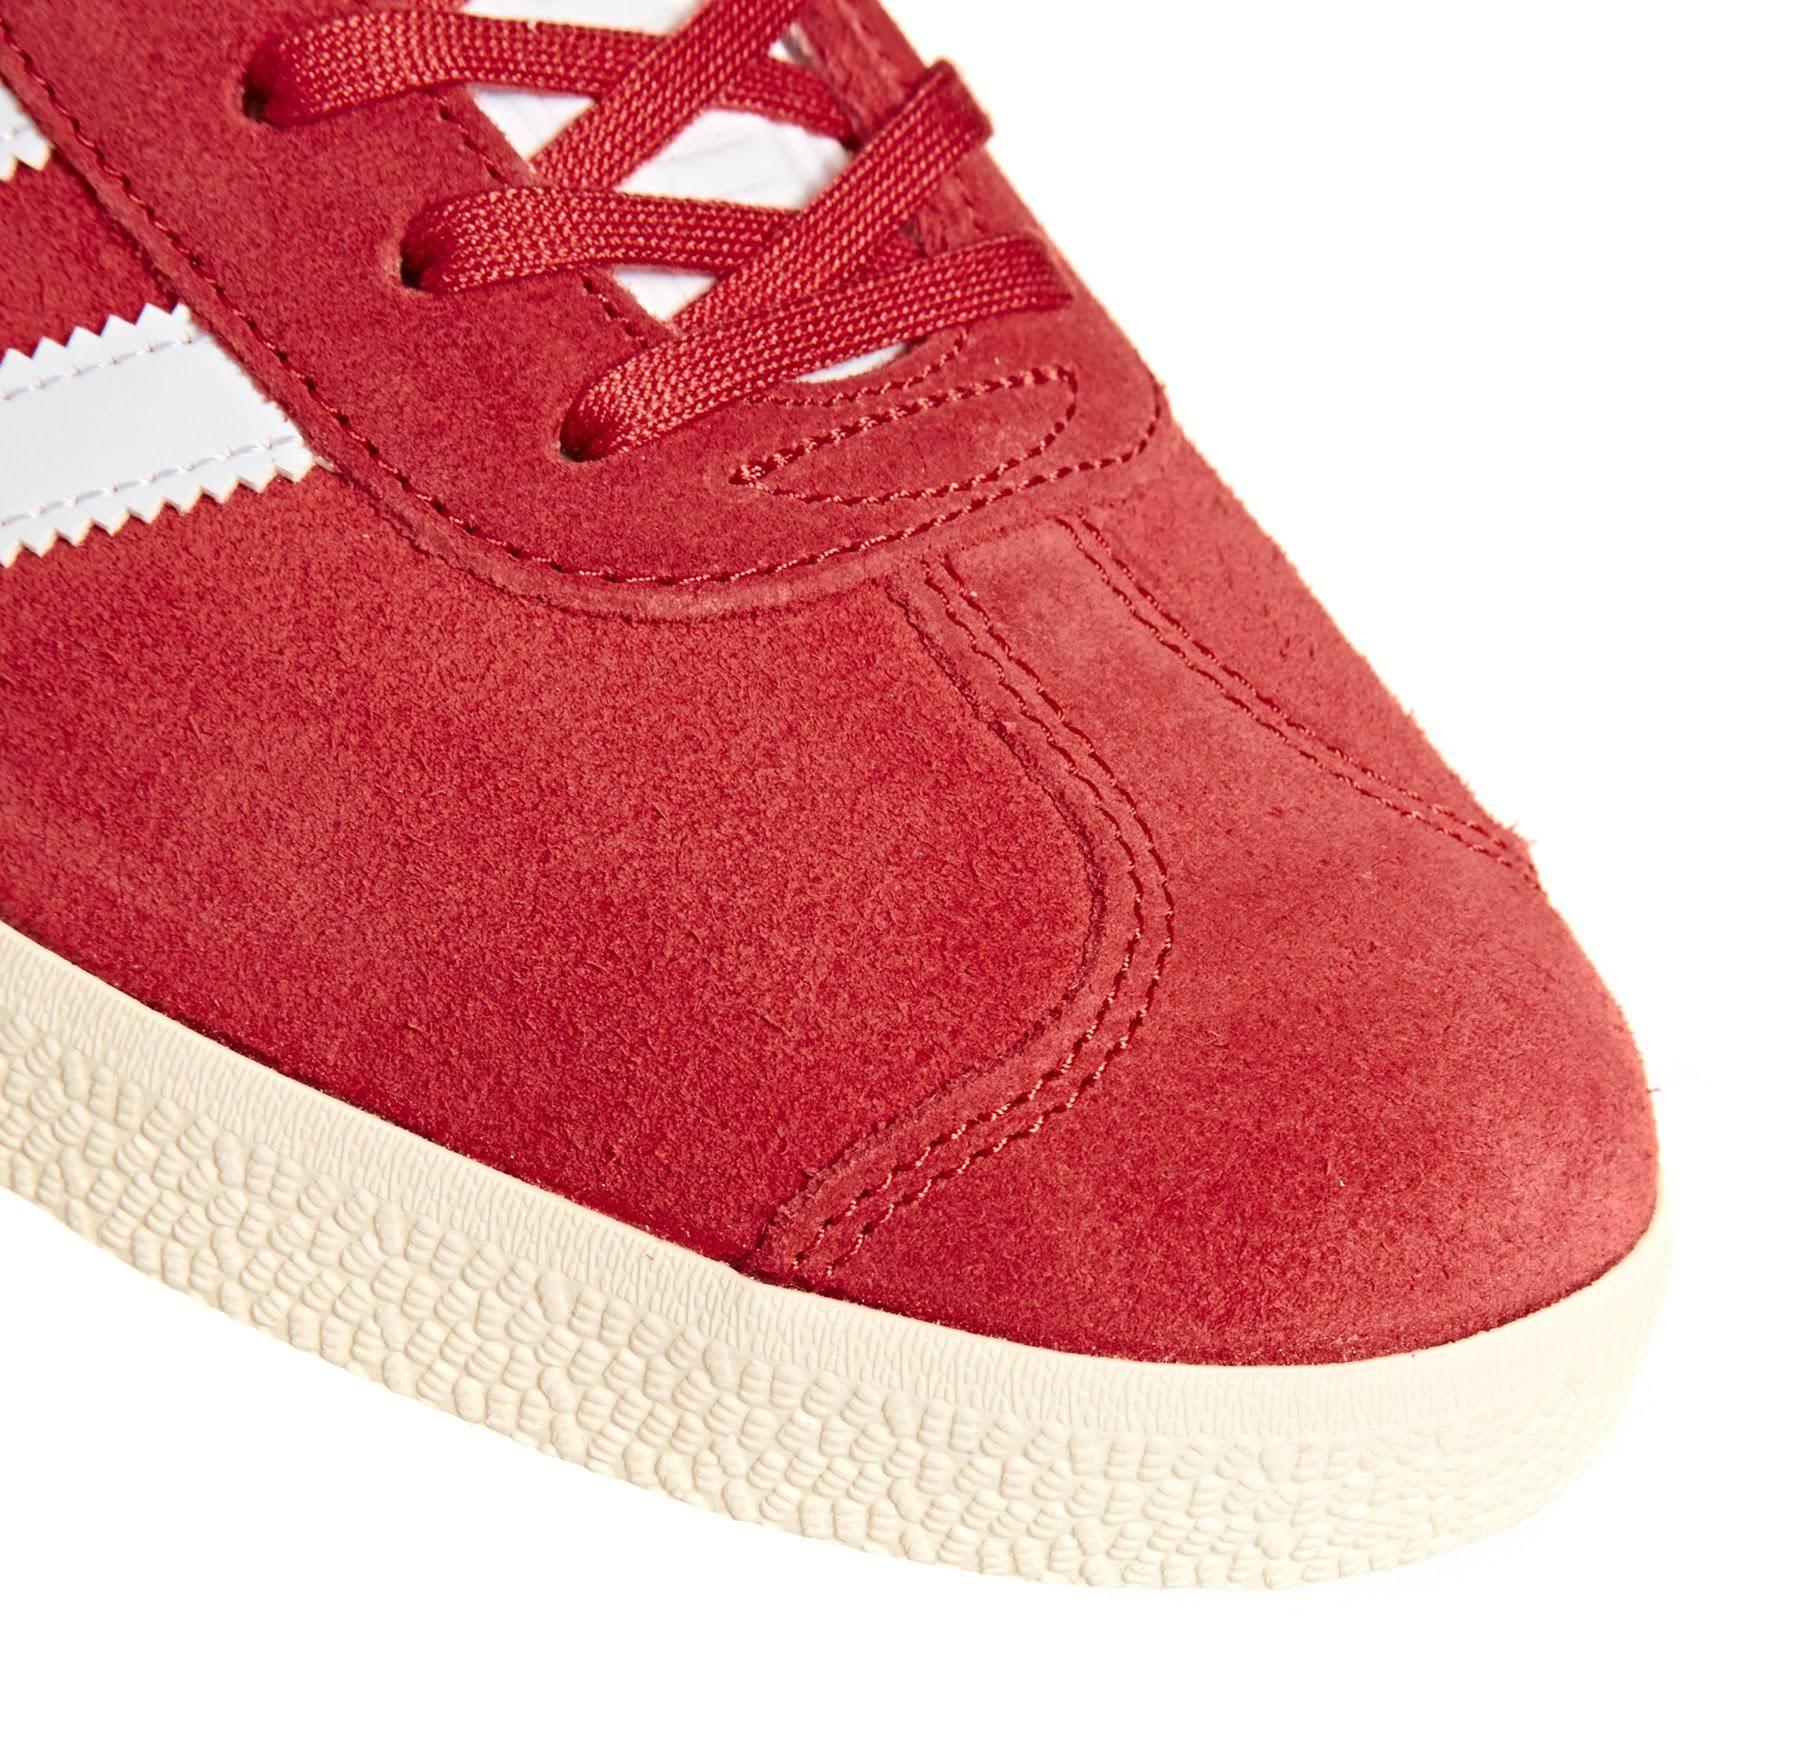 B37944 Gazelle Adidas Originals Red Sneakers In Suede zT4zx0